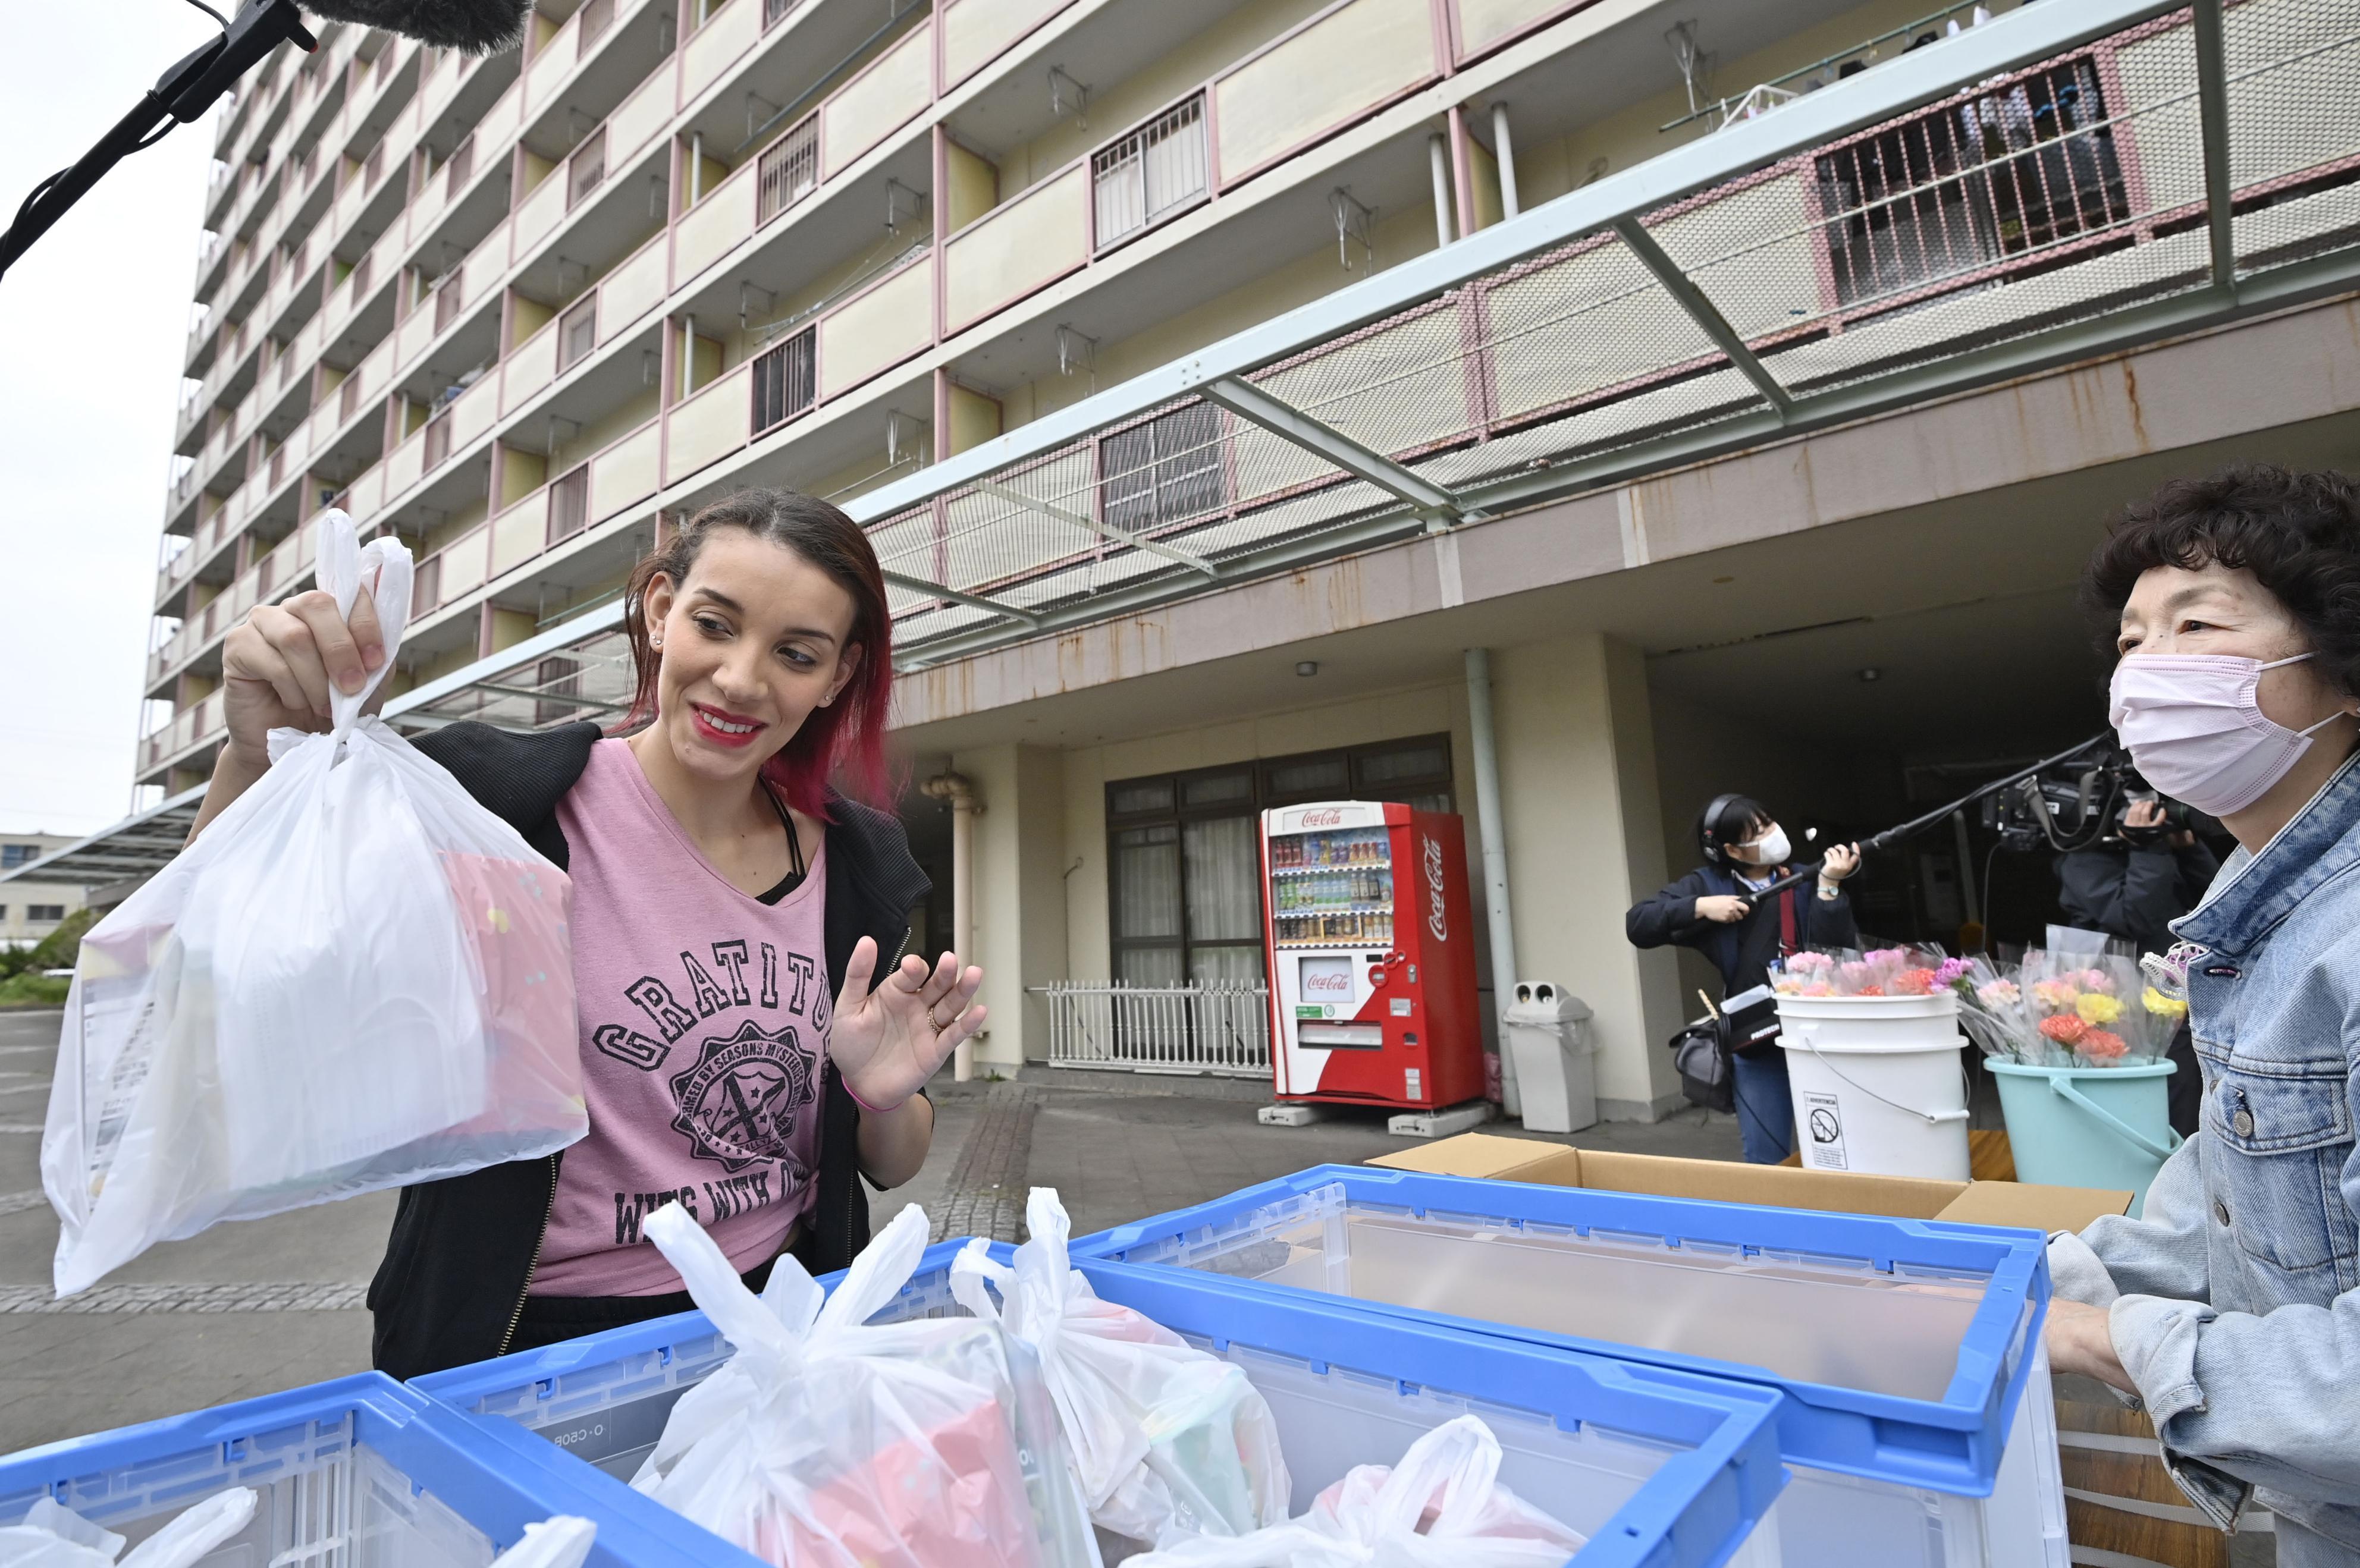 名古屋市の「九番団地」で、NPOが配布した食料を手にするブラジルからの住民=26日午後